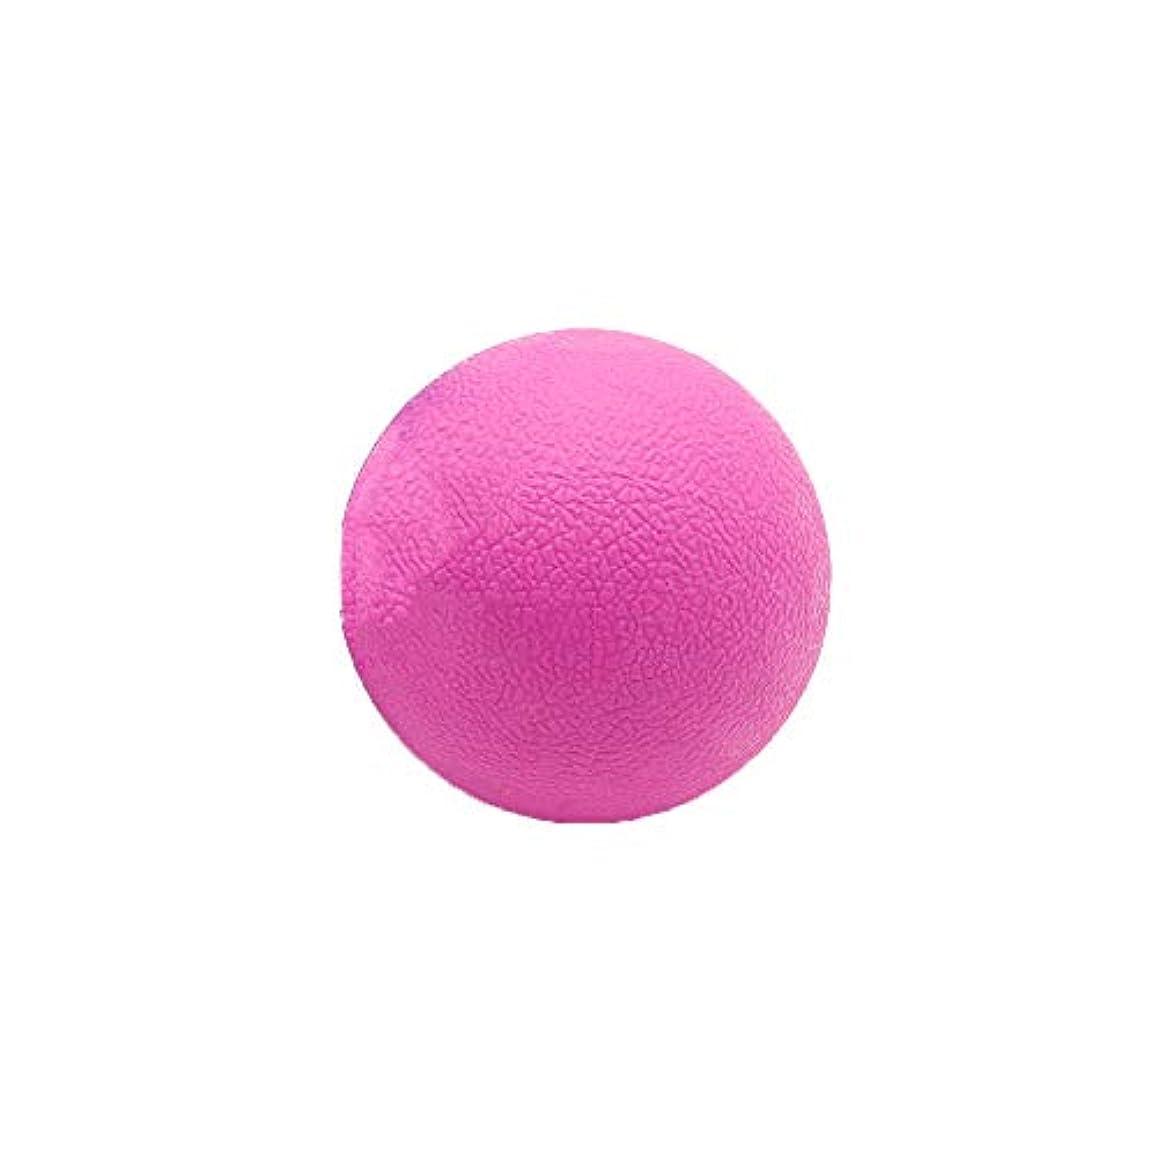 水っぽいフェードベーコンTyou ロングホッケー ボール ストレッチ リリース マッサージボール 足部 マッサージボール 背中 筋肉 トレーニングボール ピンク